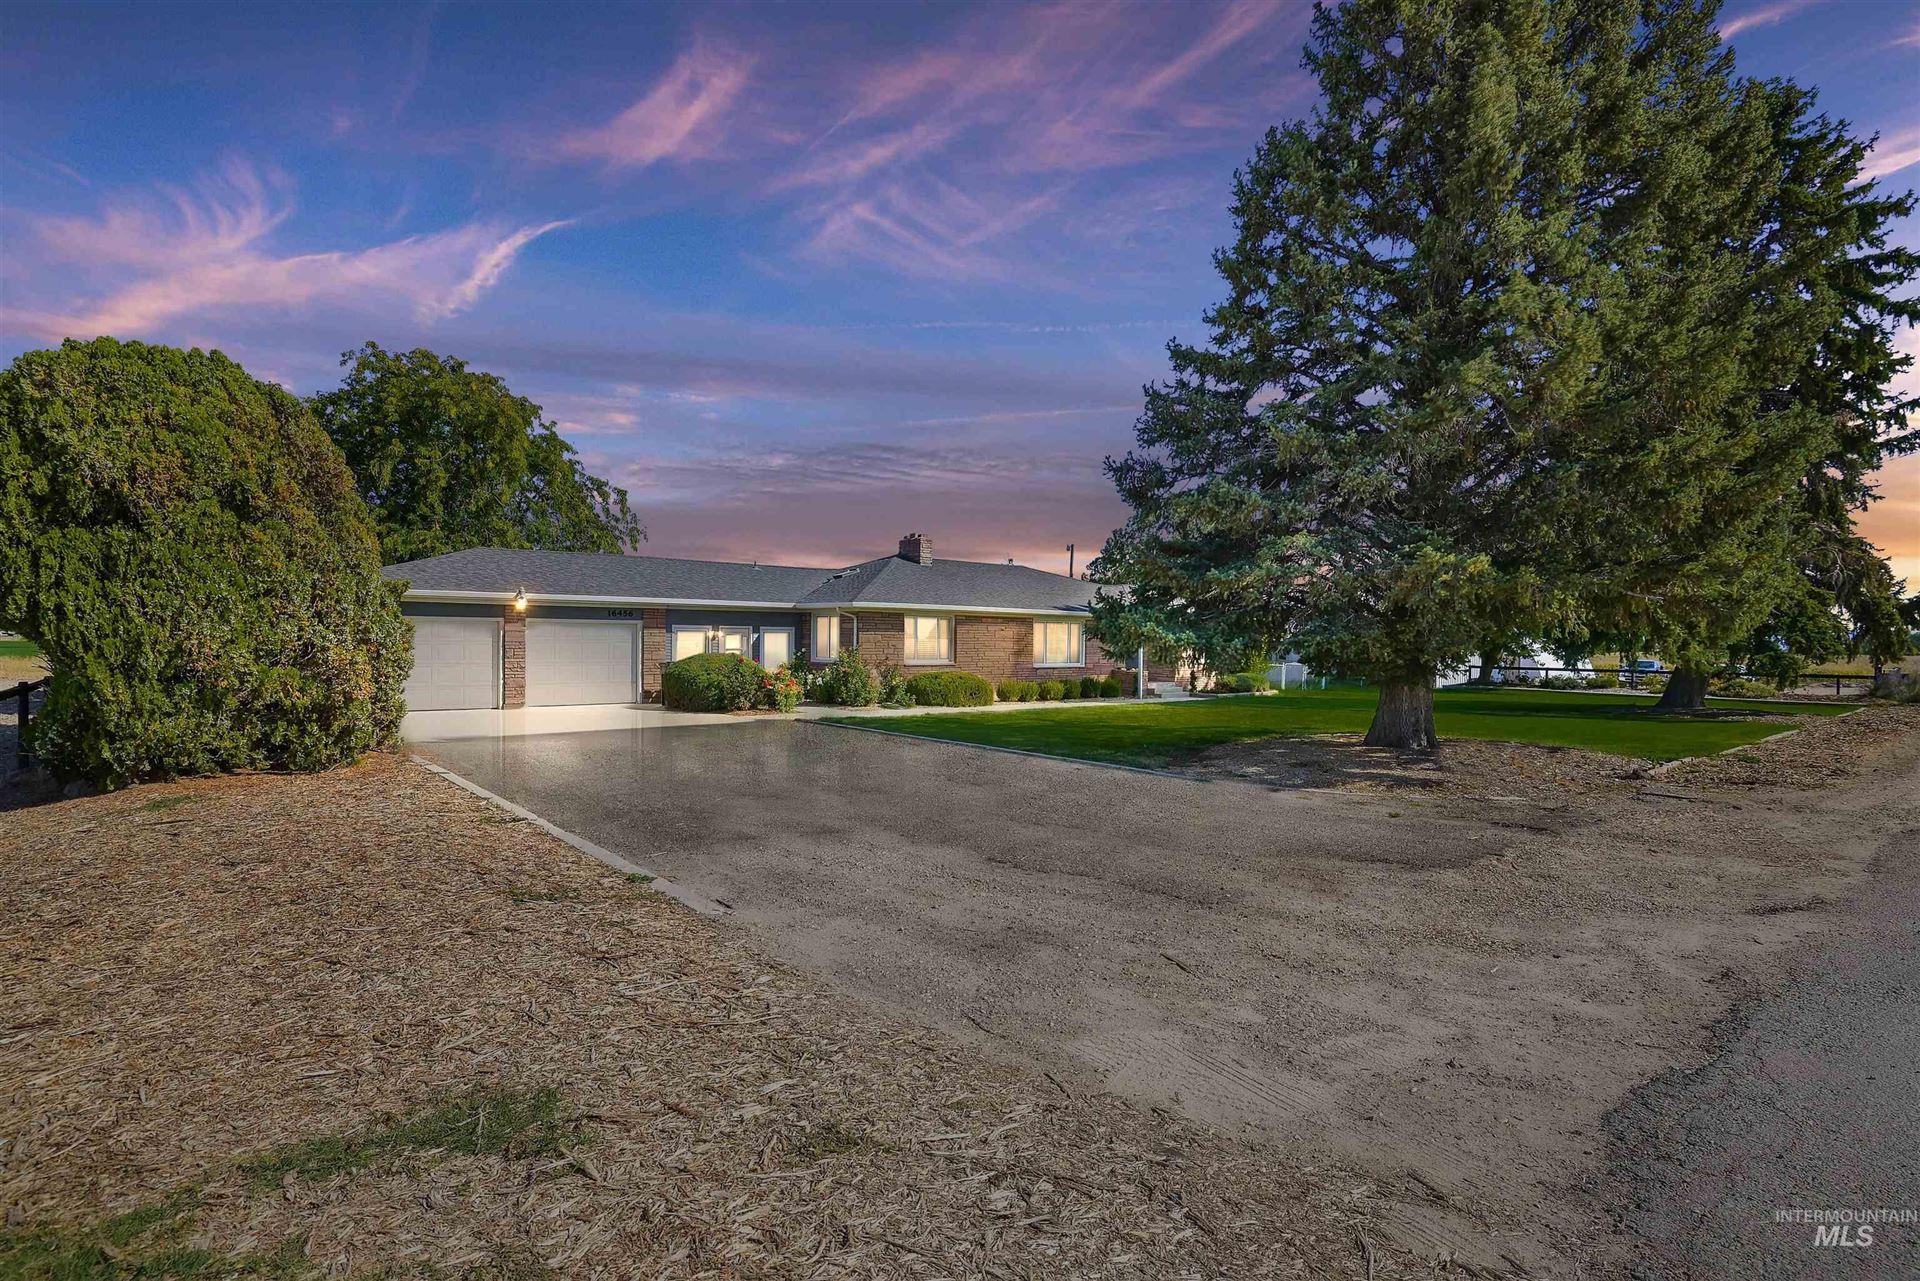 16456 Homedale, Caldwell, ID 83607 - MLS#: 98820804